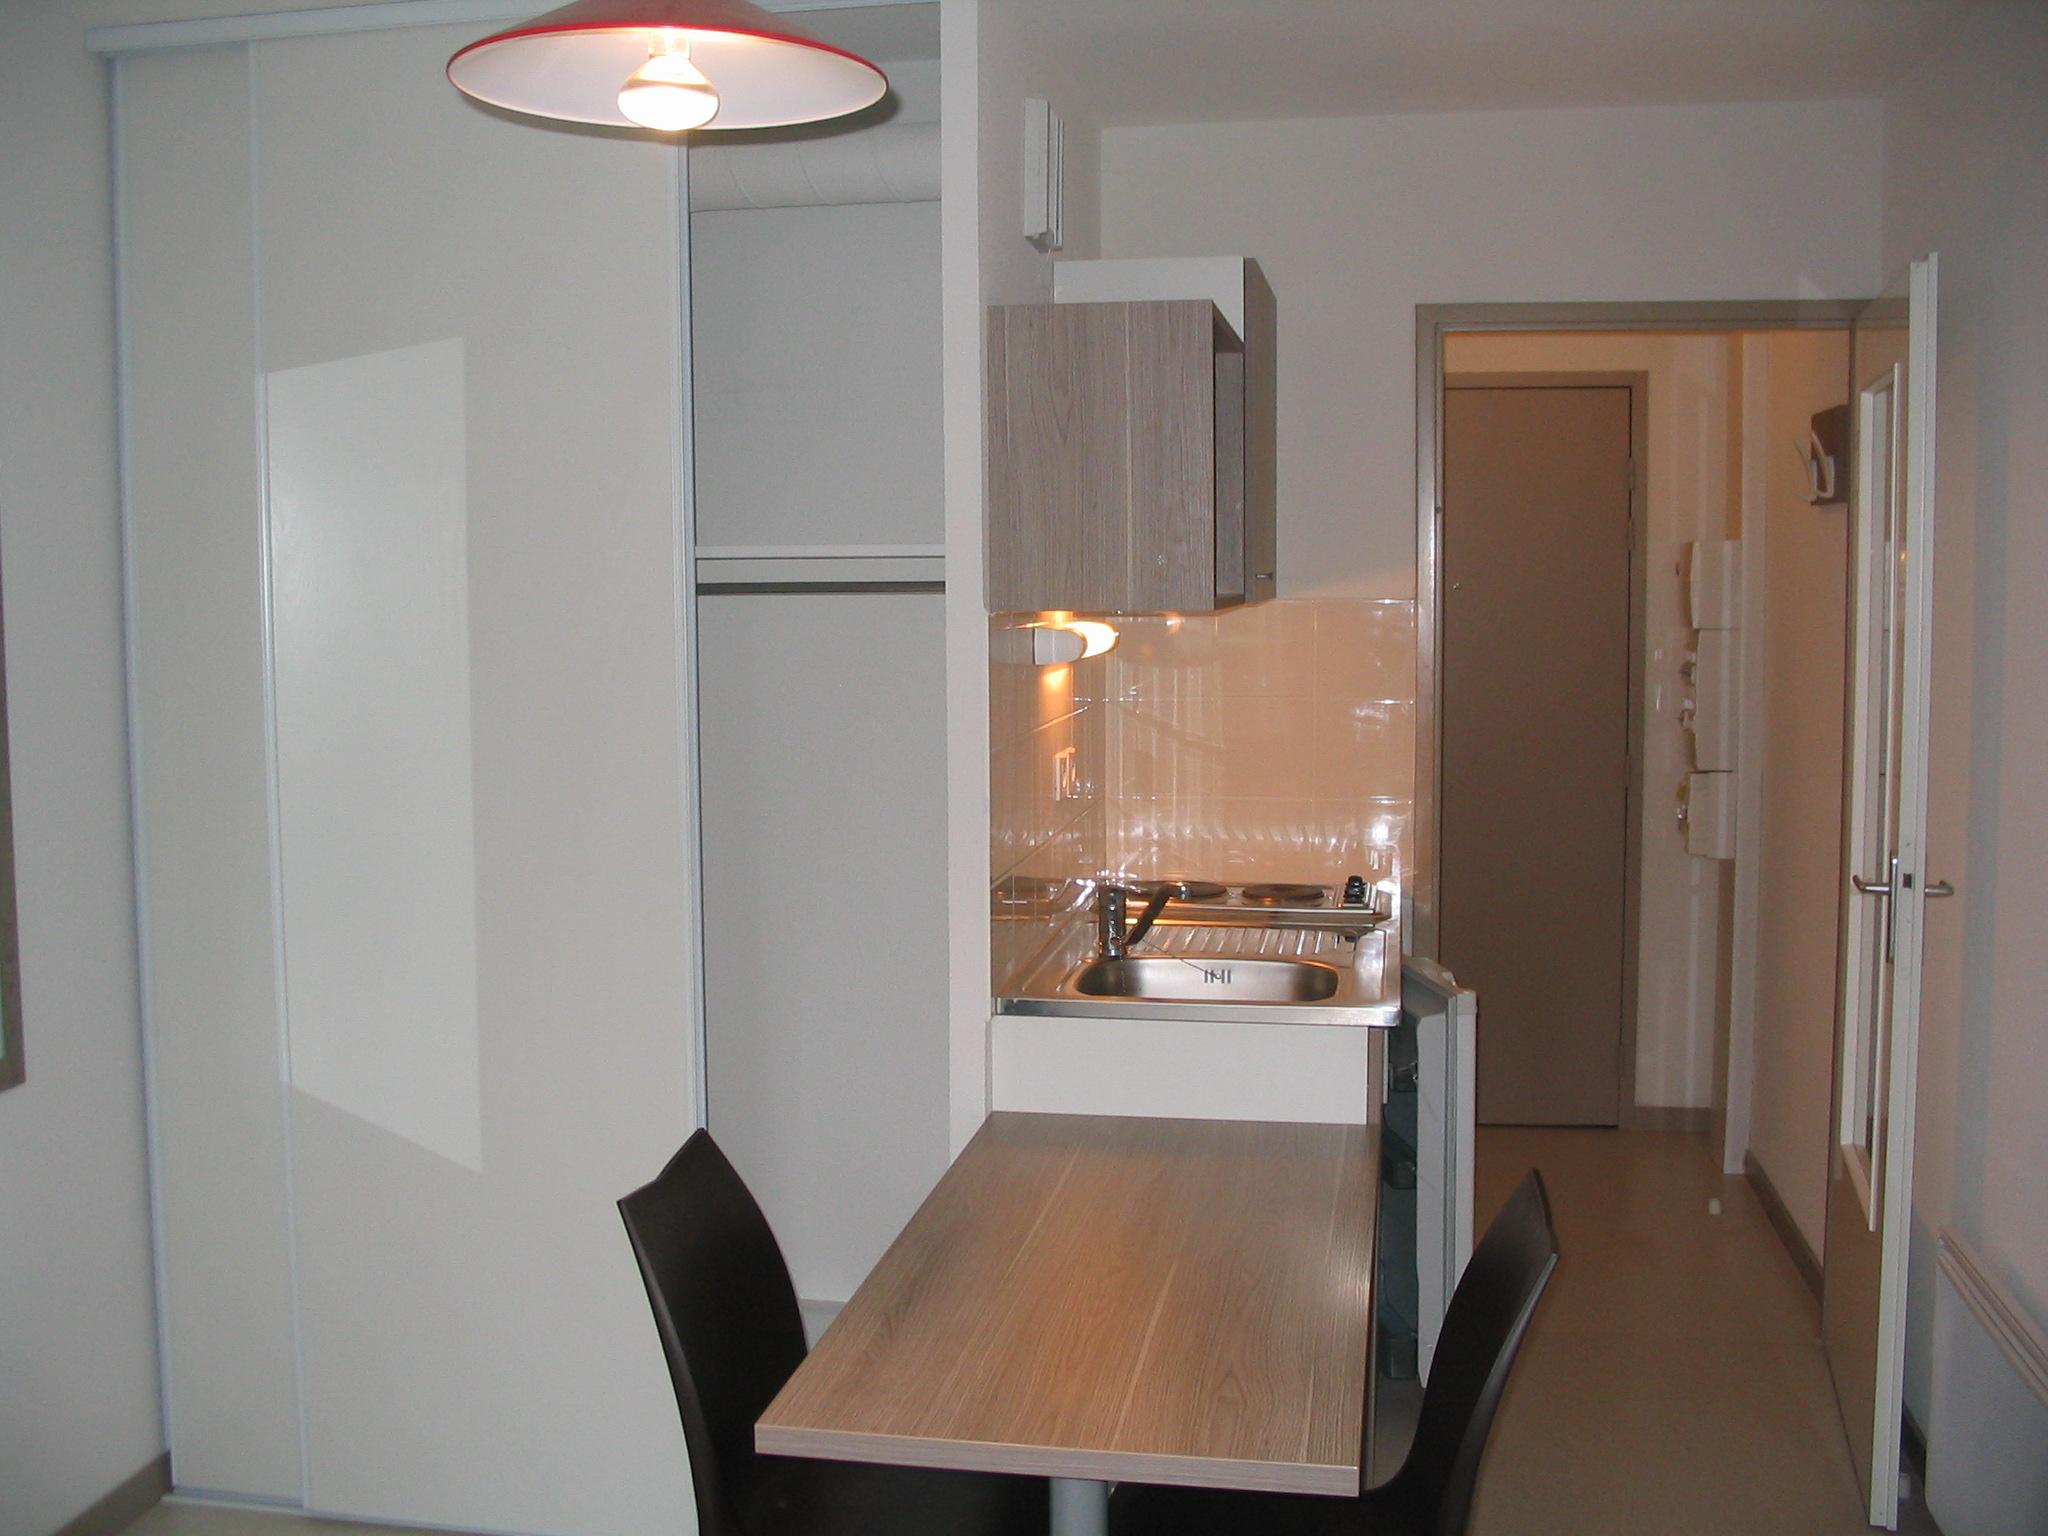 cap 39 etudes parilly 69200 v nissieux r sidence service tudiant. Black Bedroom Furniture Sets. Home Design Ideas